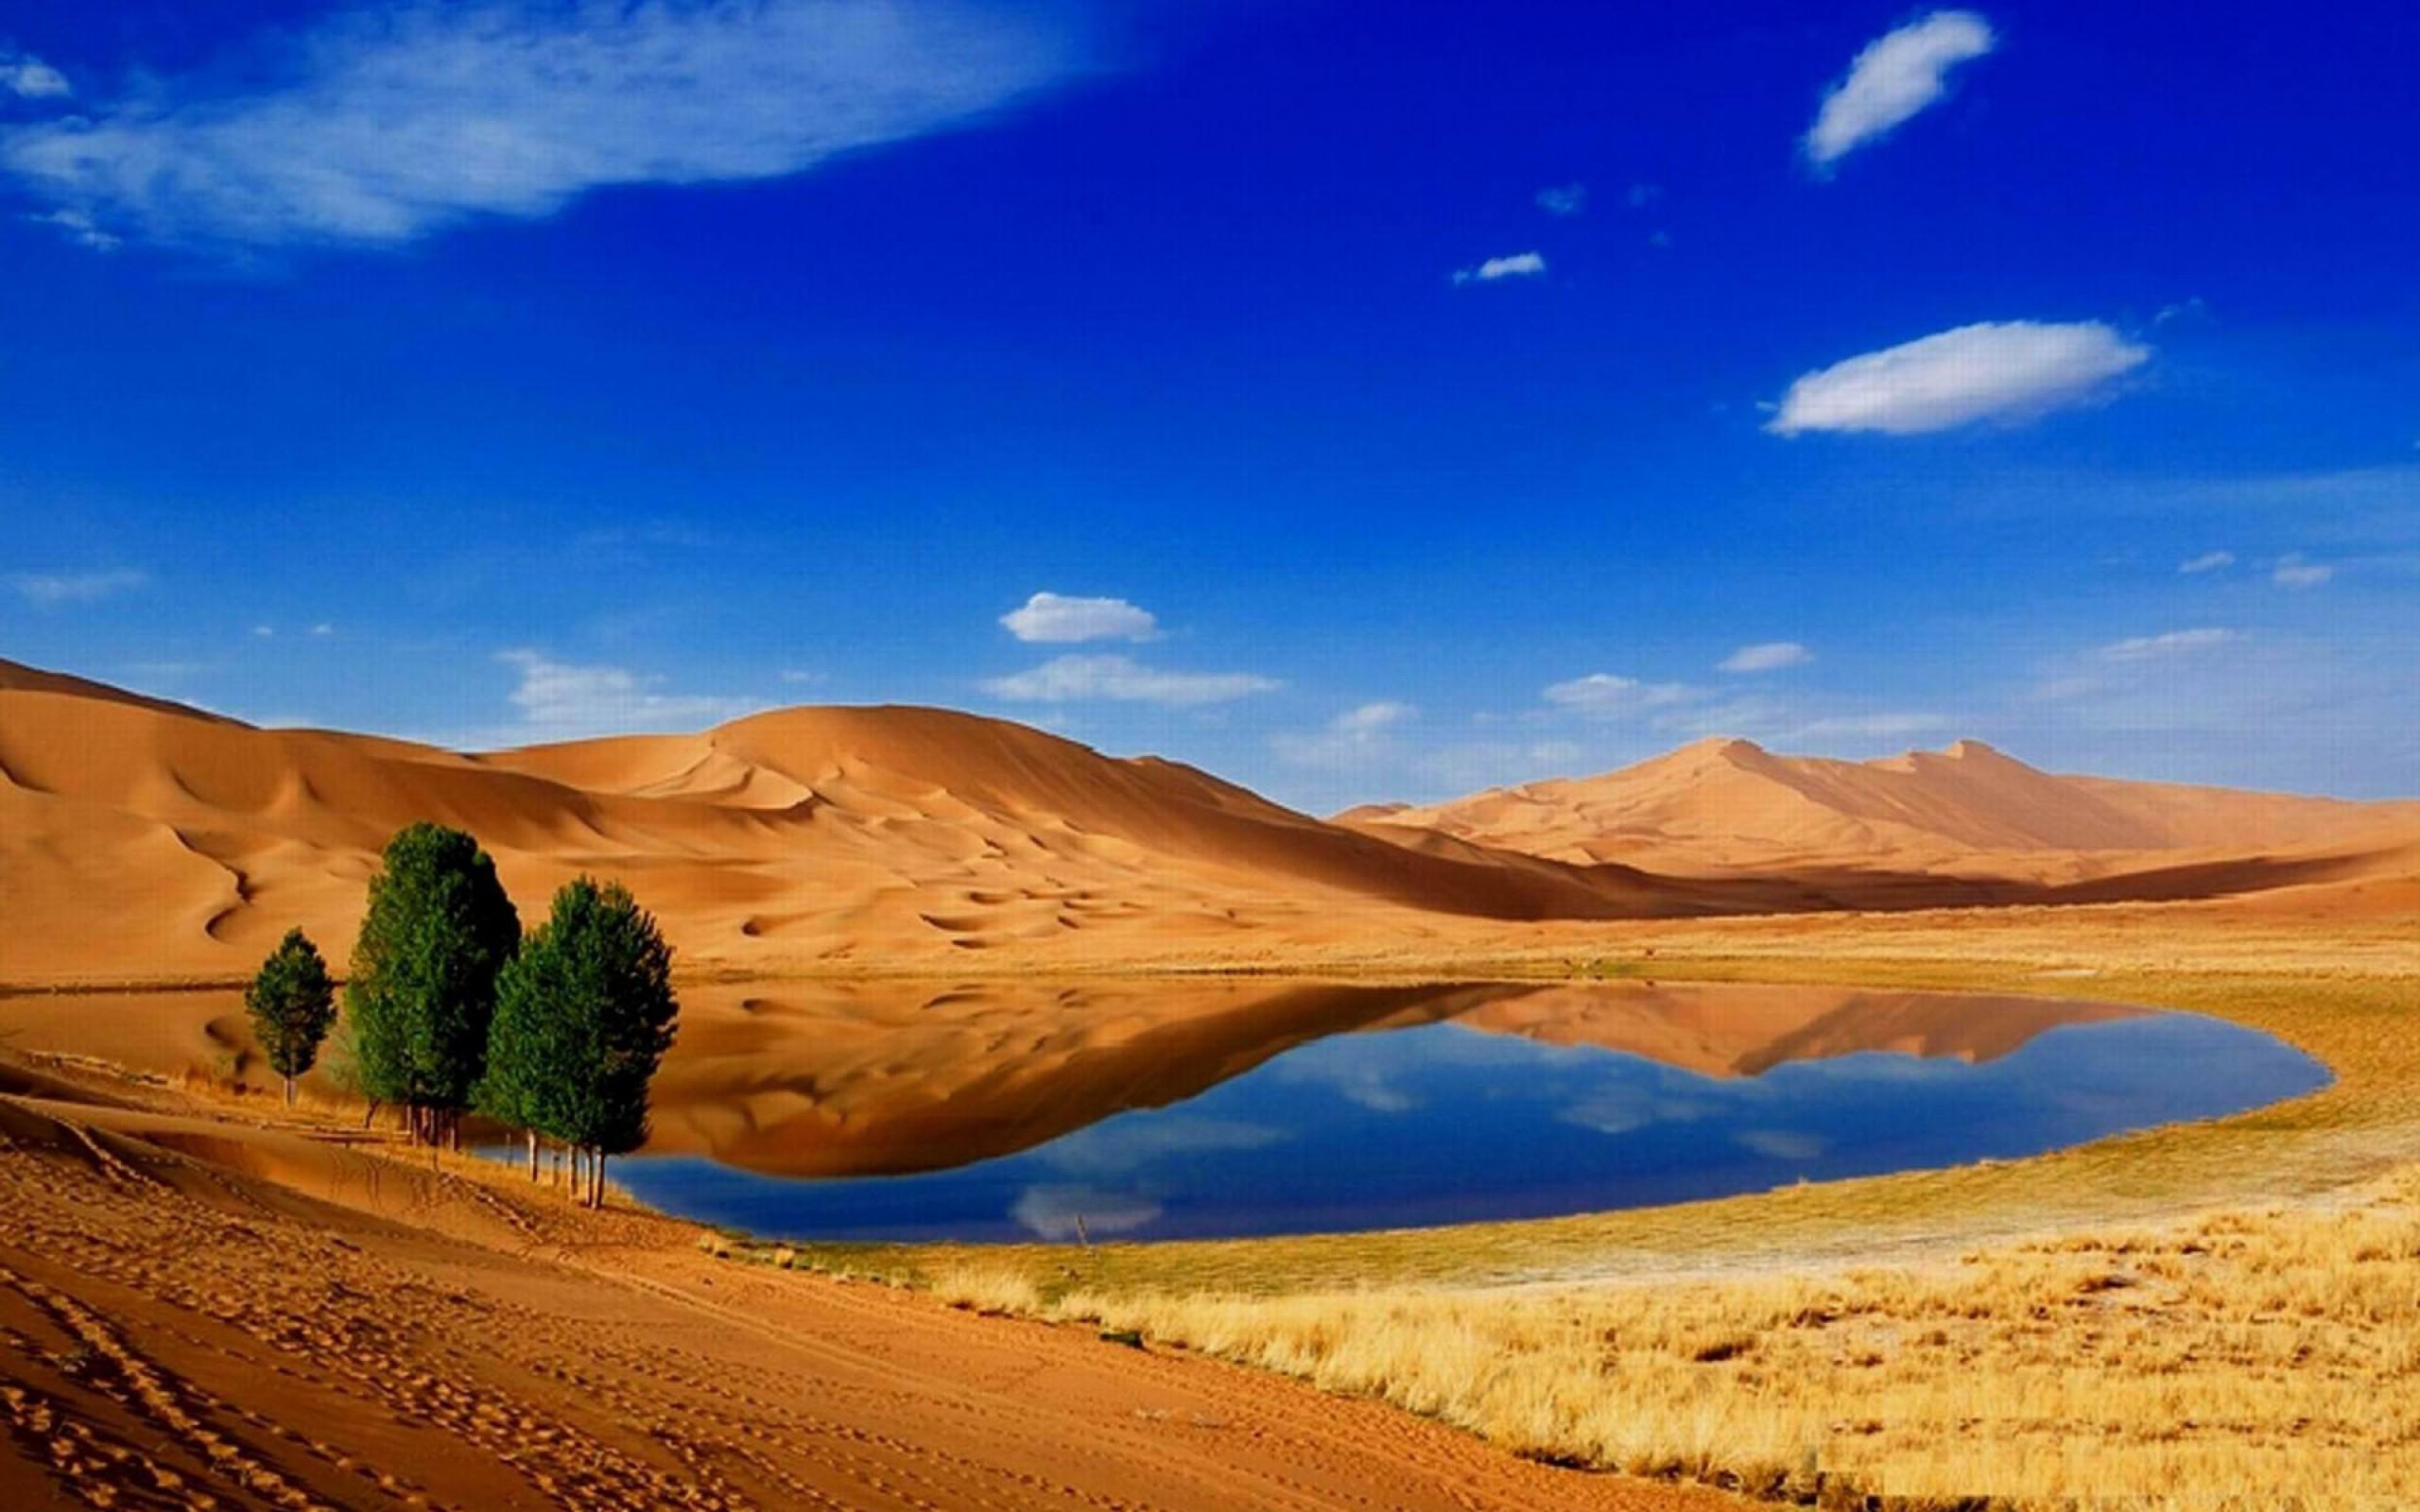 Res: 2560x1600, Desert Oasis Wallpaper (, vr.17) ...